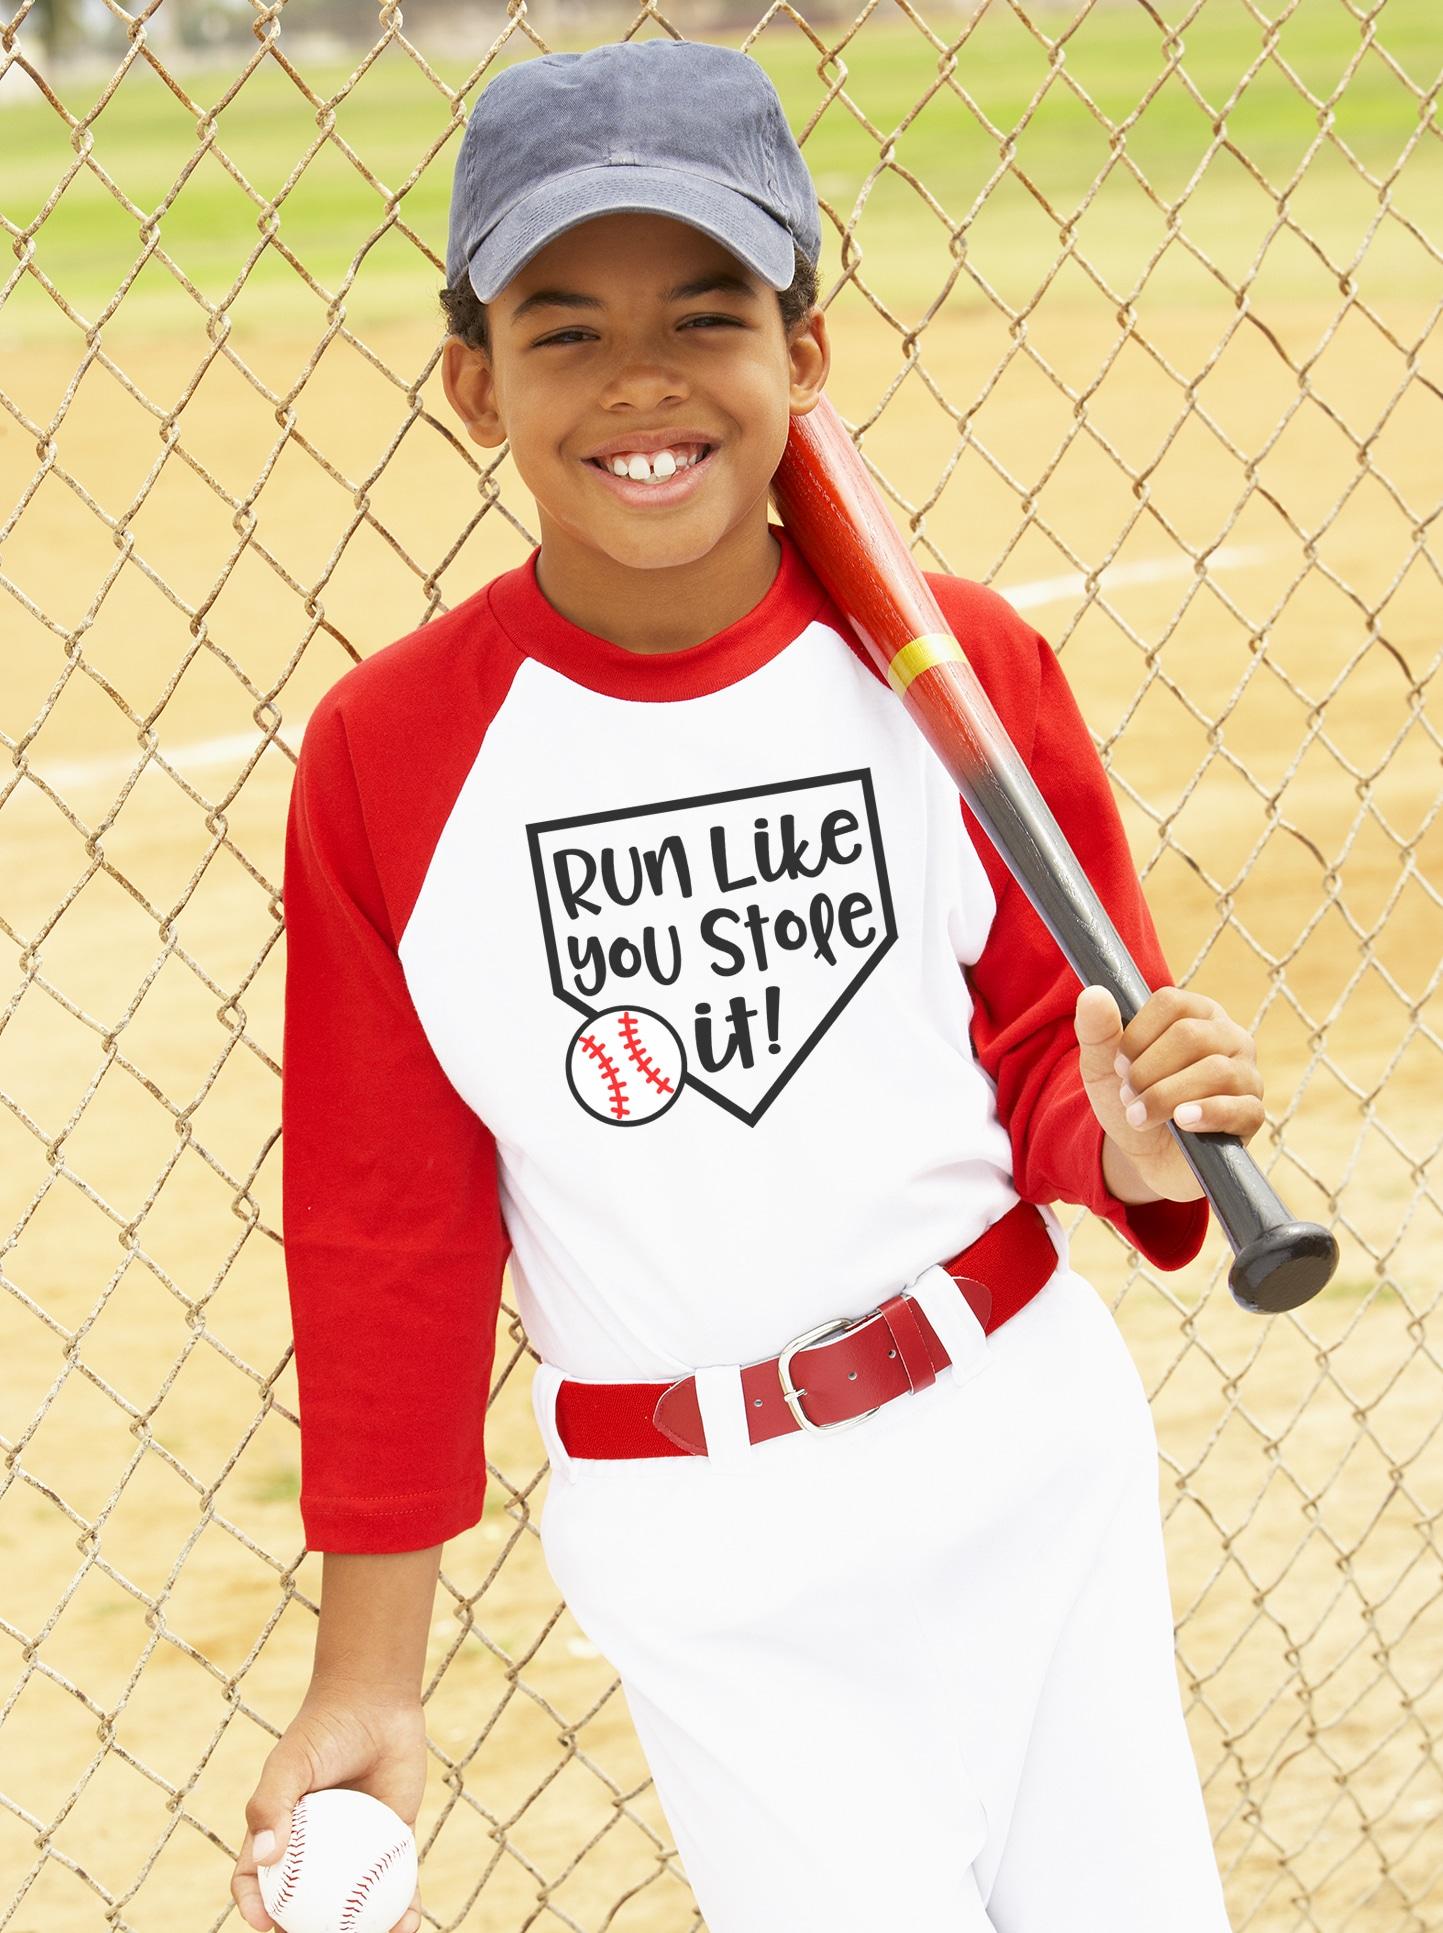 Boy wearing a Run Like You Stole It! baseball shirt